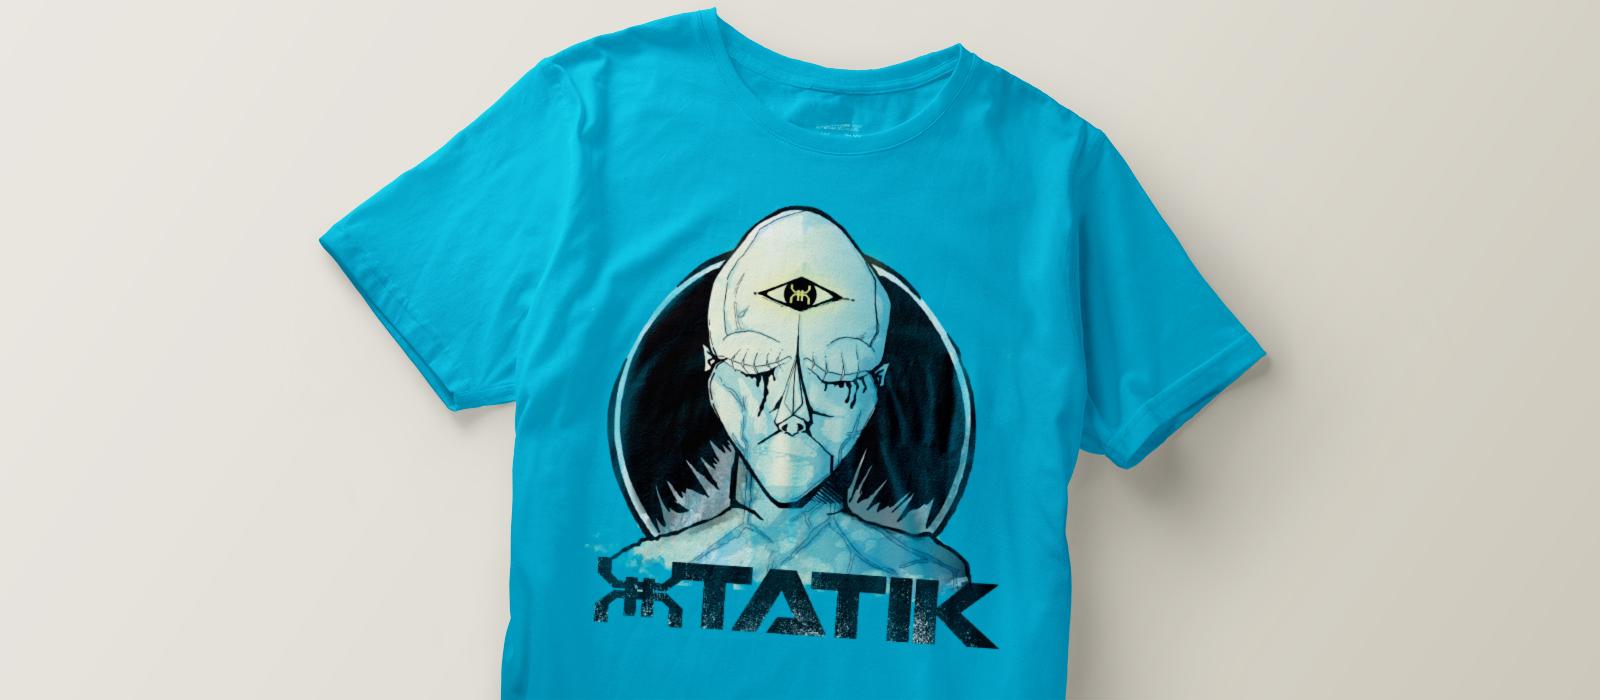 Xtatik déclinaison identité visuelle sur t-shirt